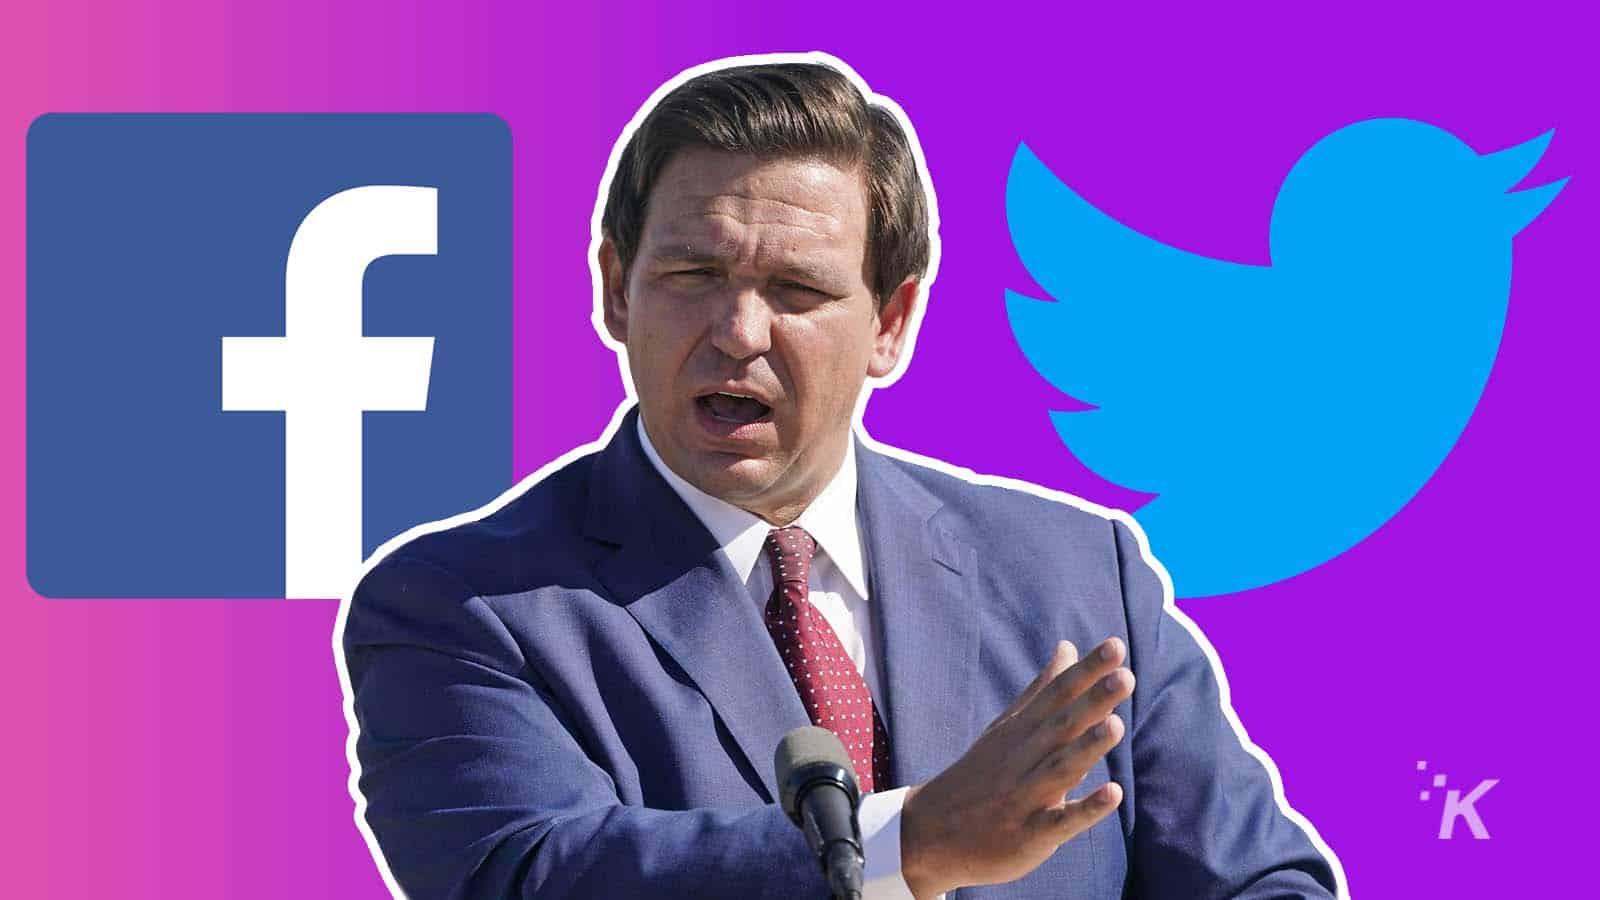 florida social media bill and governor bill desantis